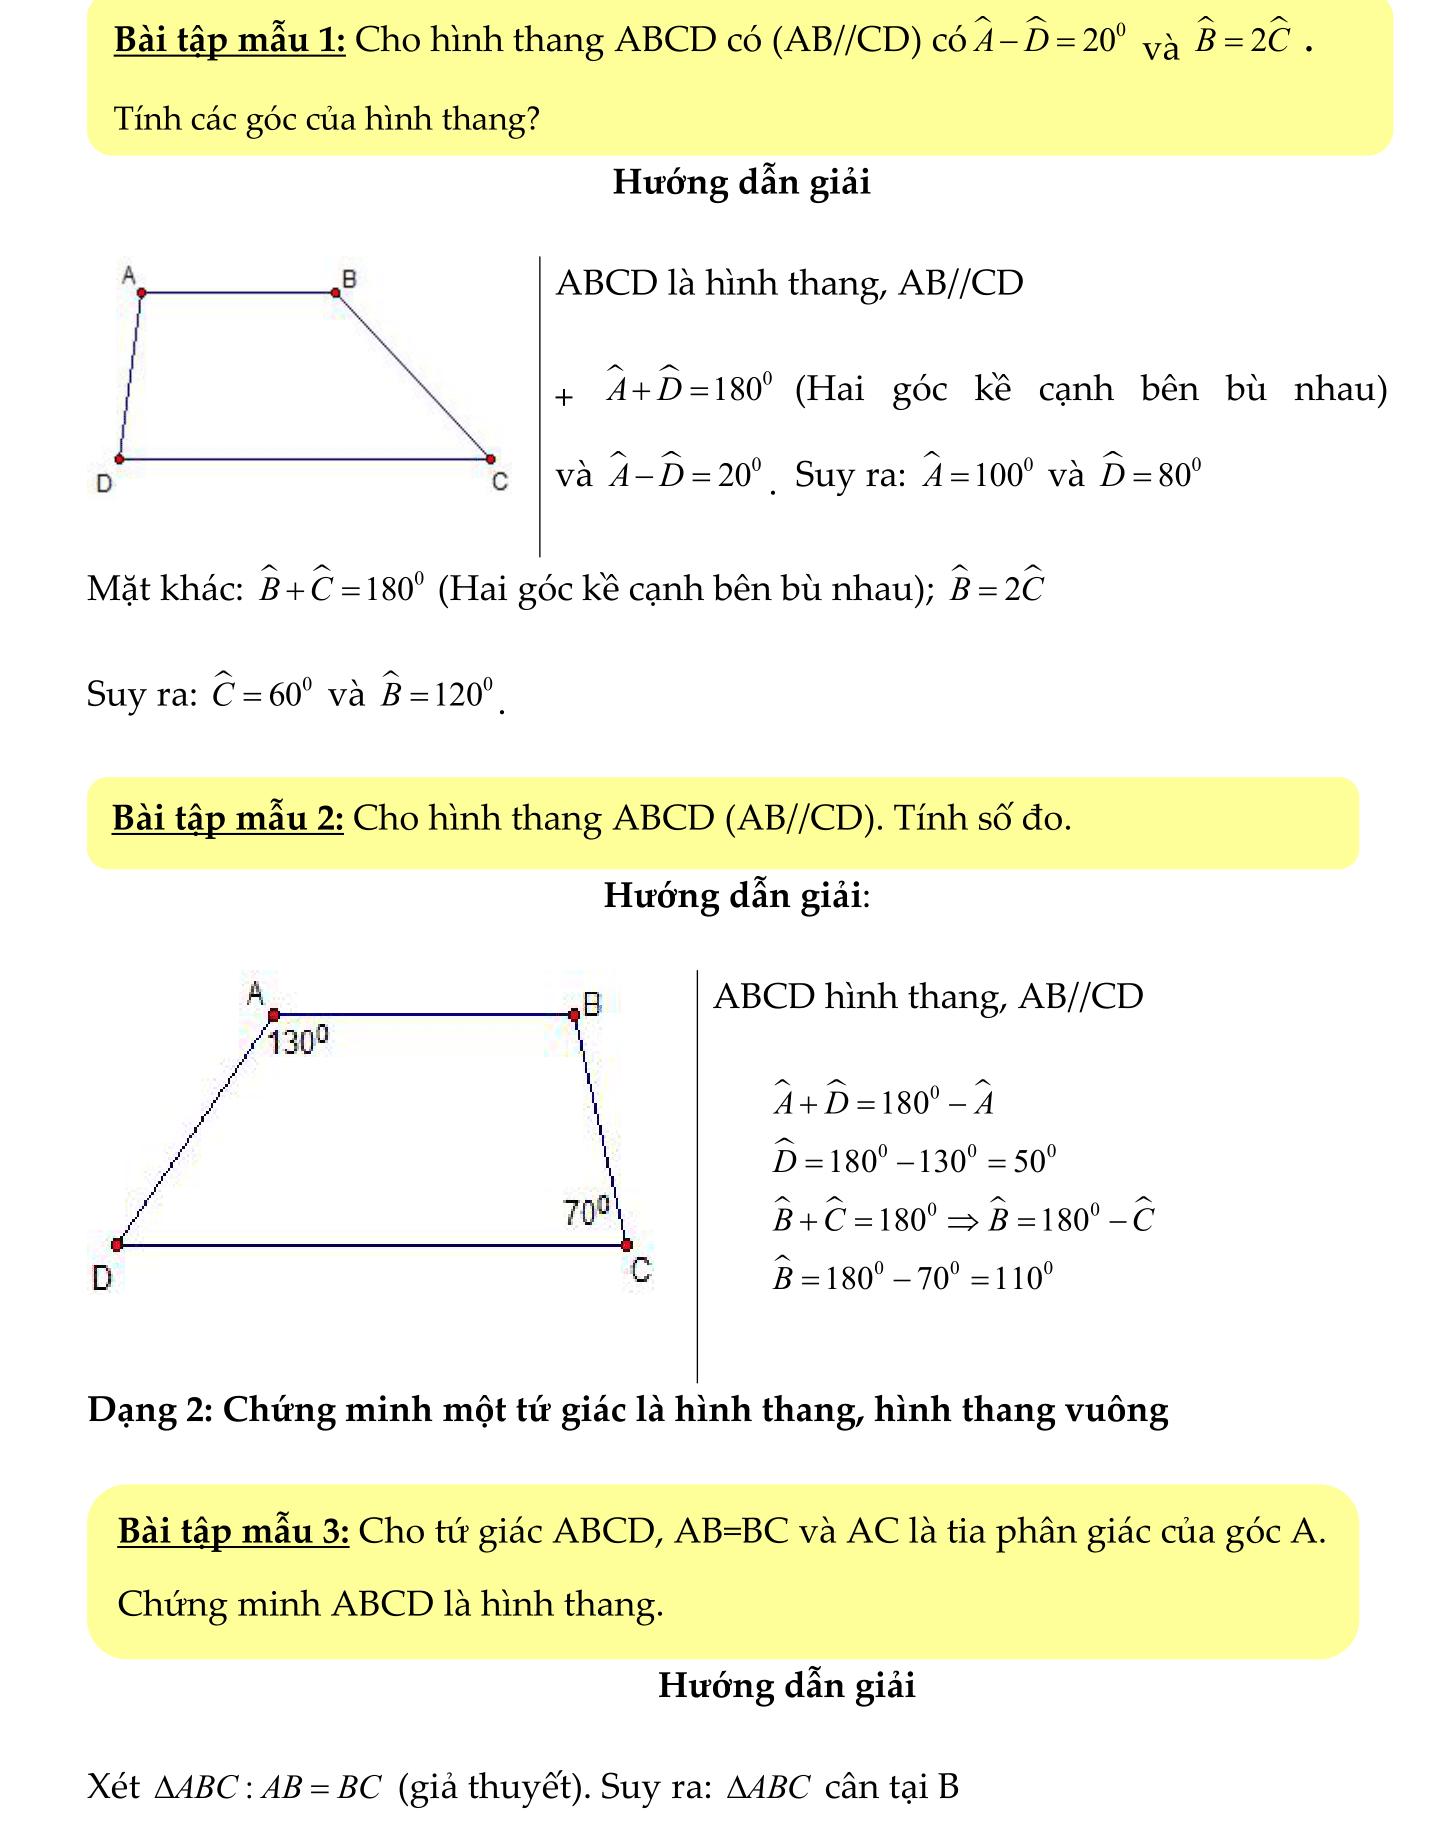 Toán hình 8 chủ đề 2 Hình Thang ôn tập tổng hợp